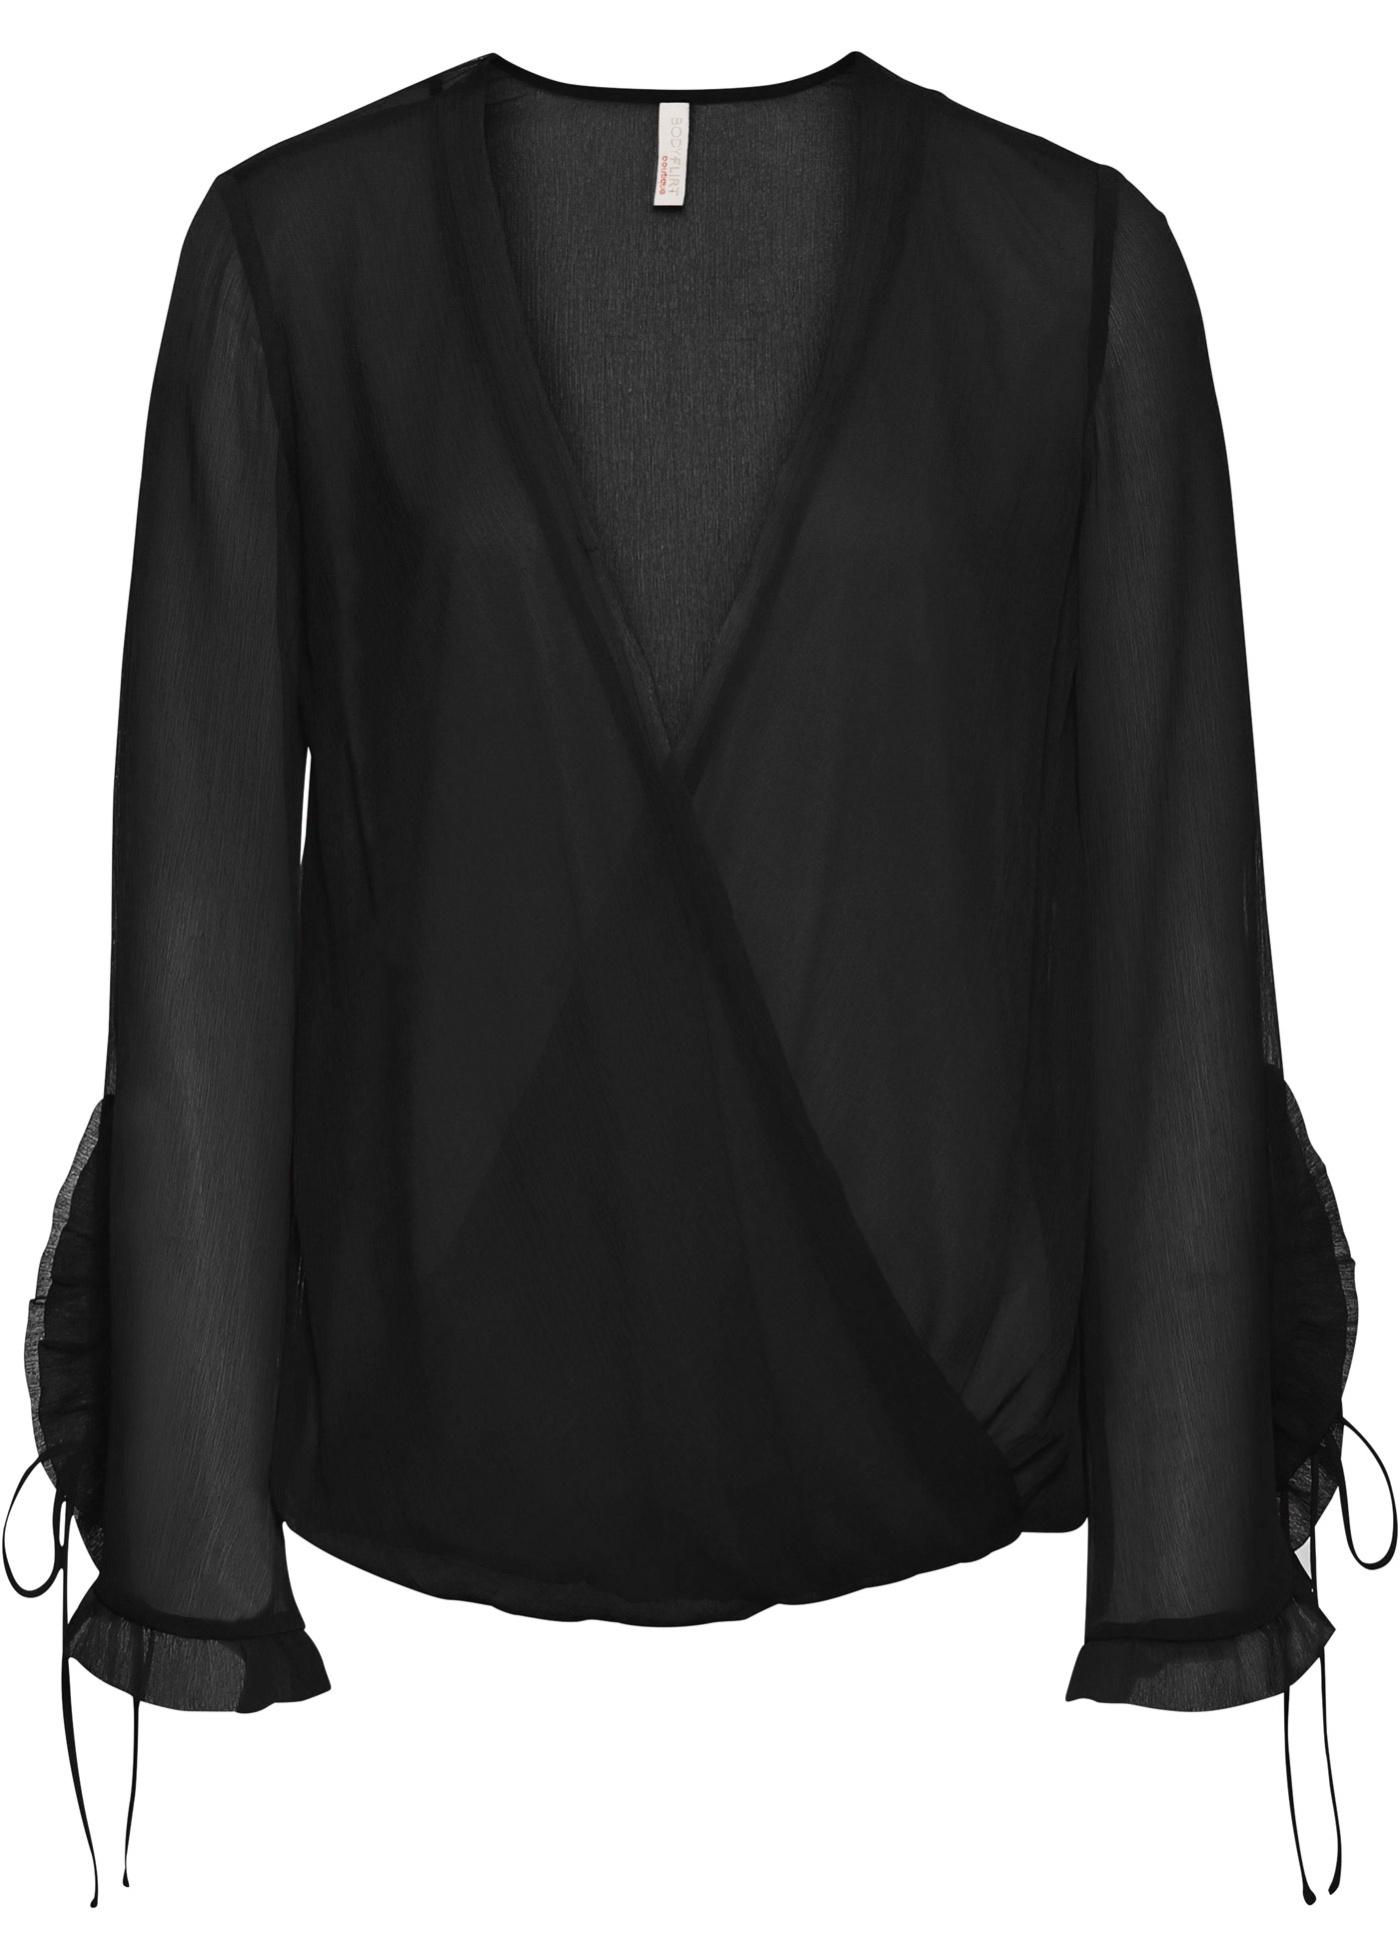 Blusa a portafoglio in chiffon (Nero) - BODYFLIRT boutique